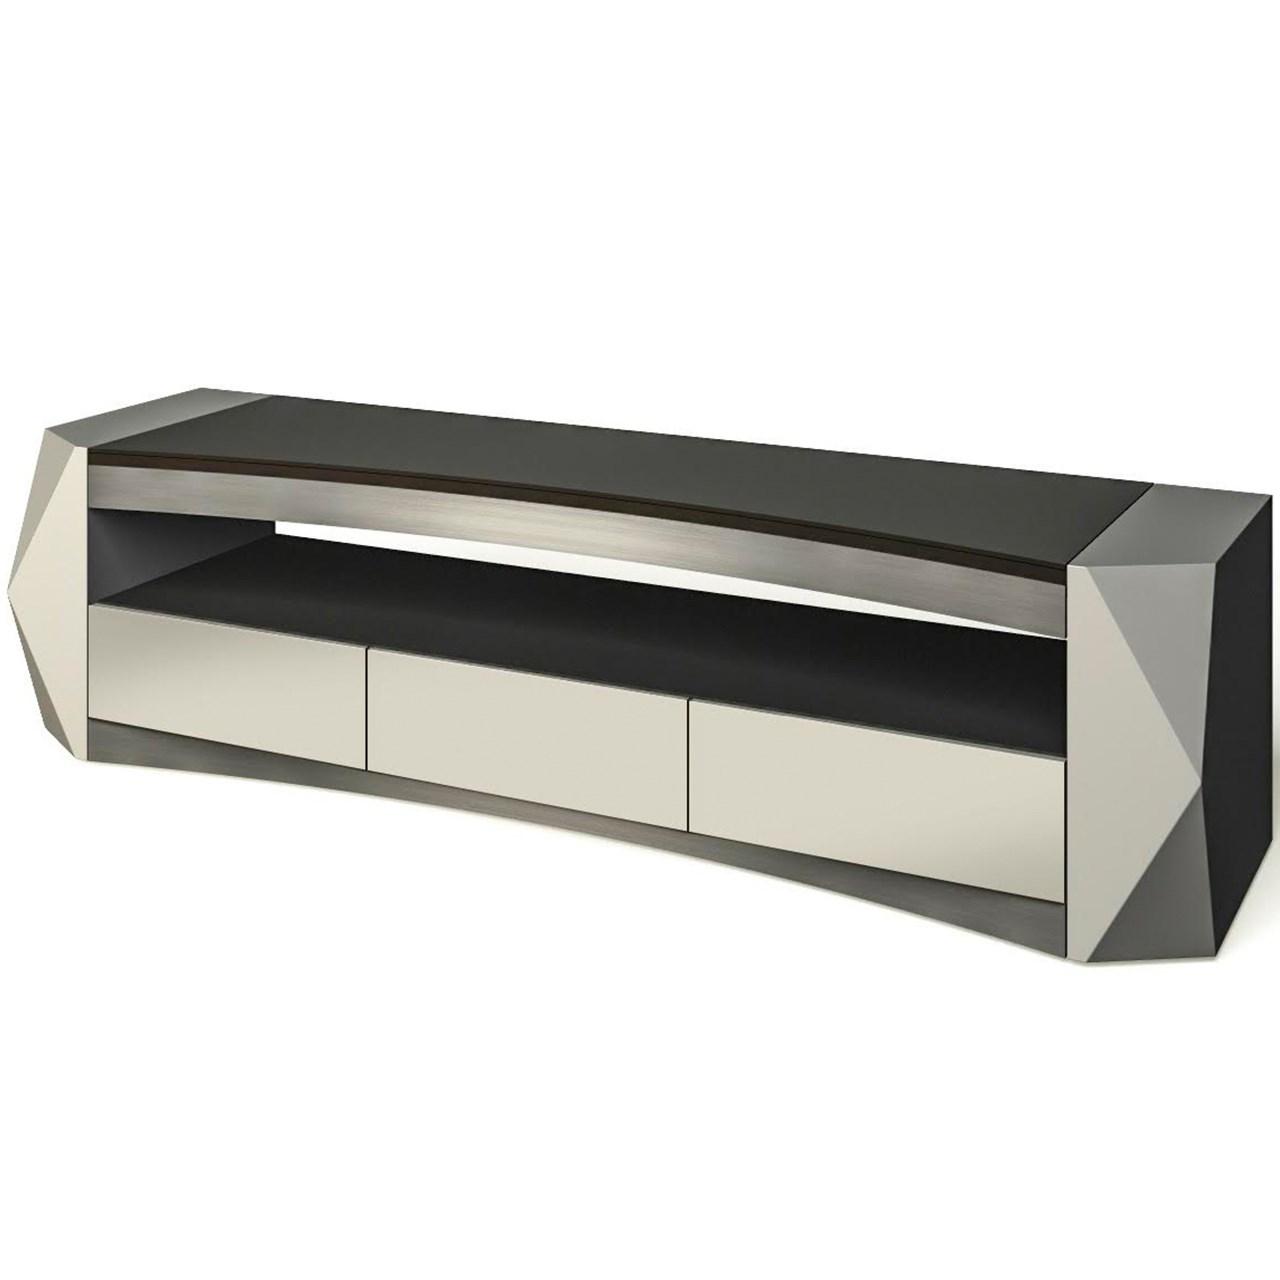 میز تلویزیون سام میت مدل 6702